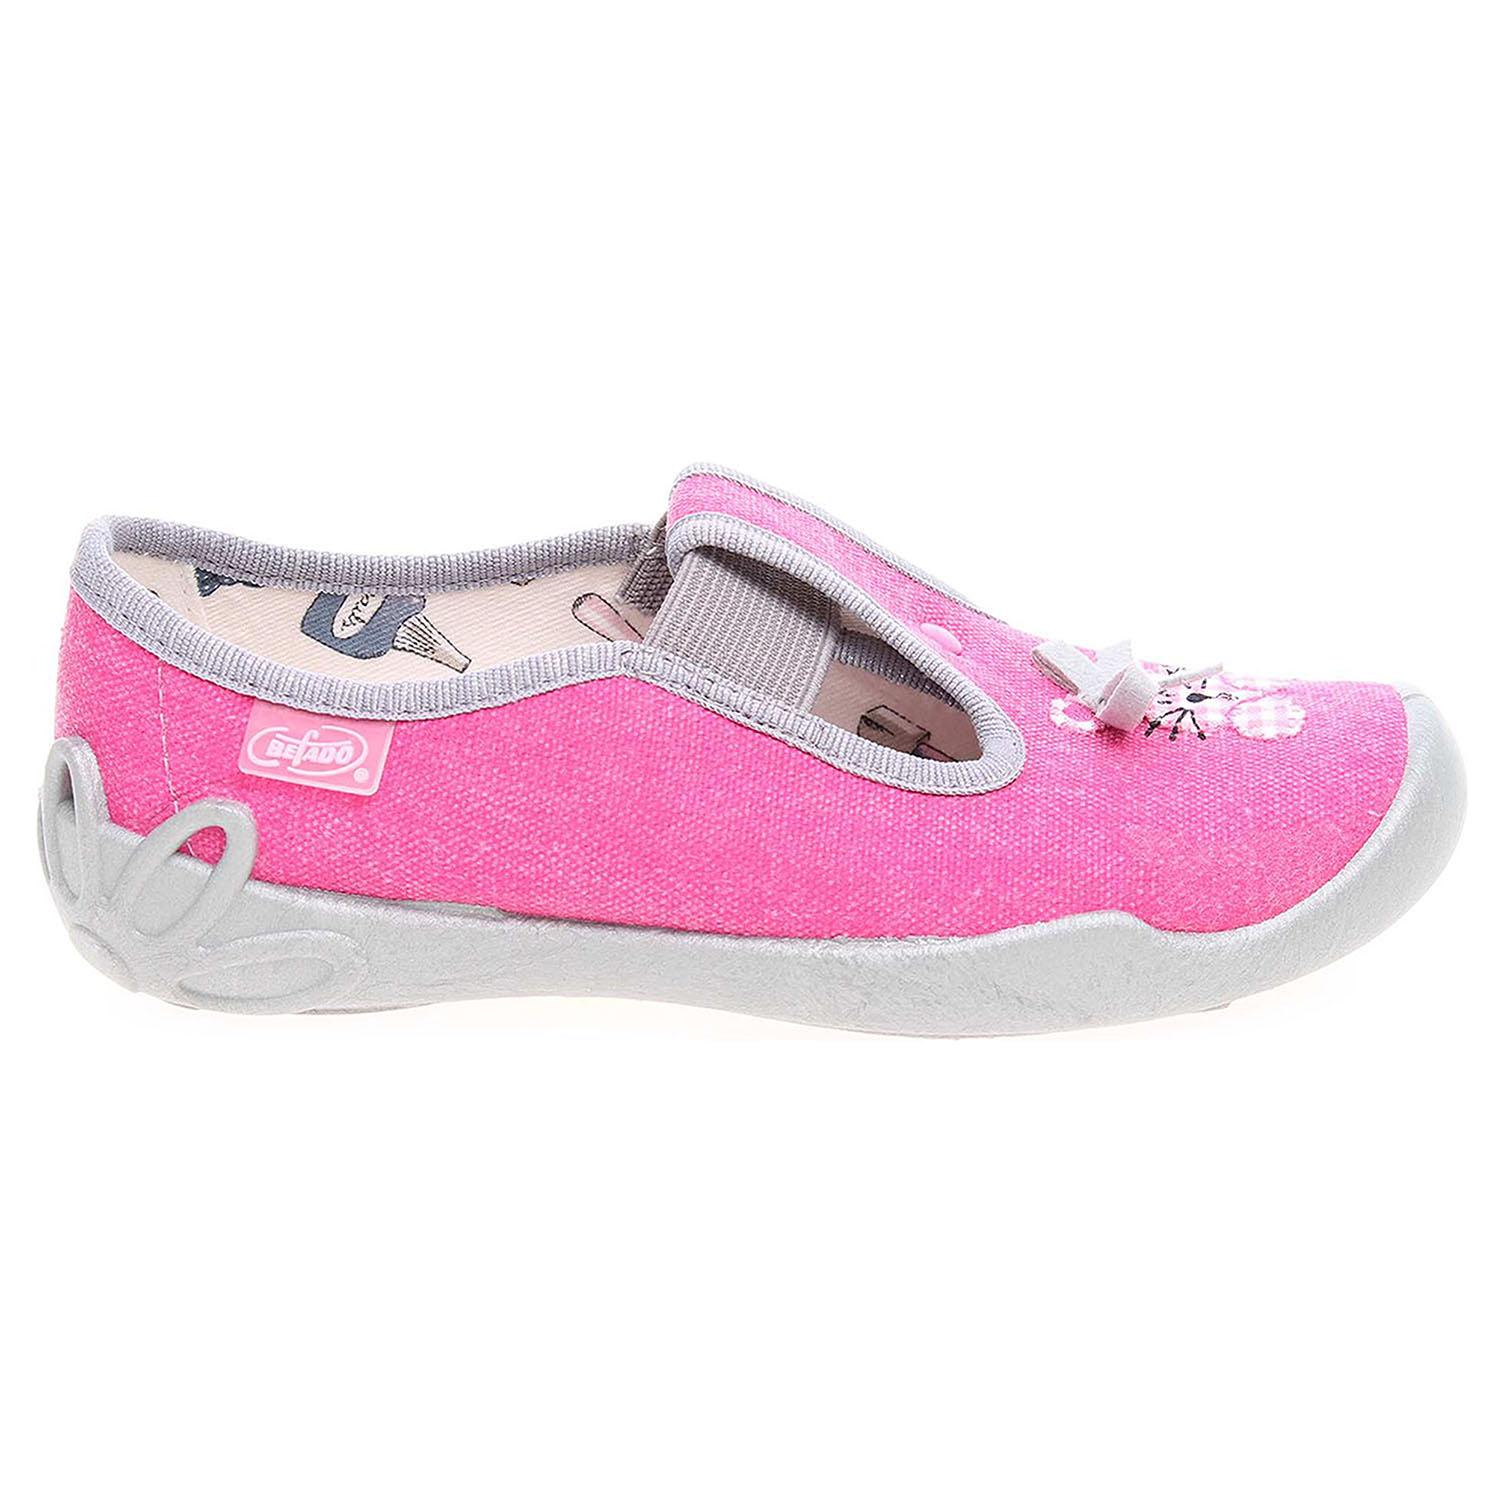 Ecco Befado dívčí bačkory 180X011 růžové 26900152